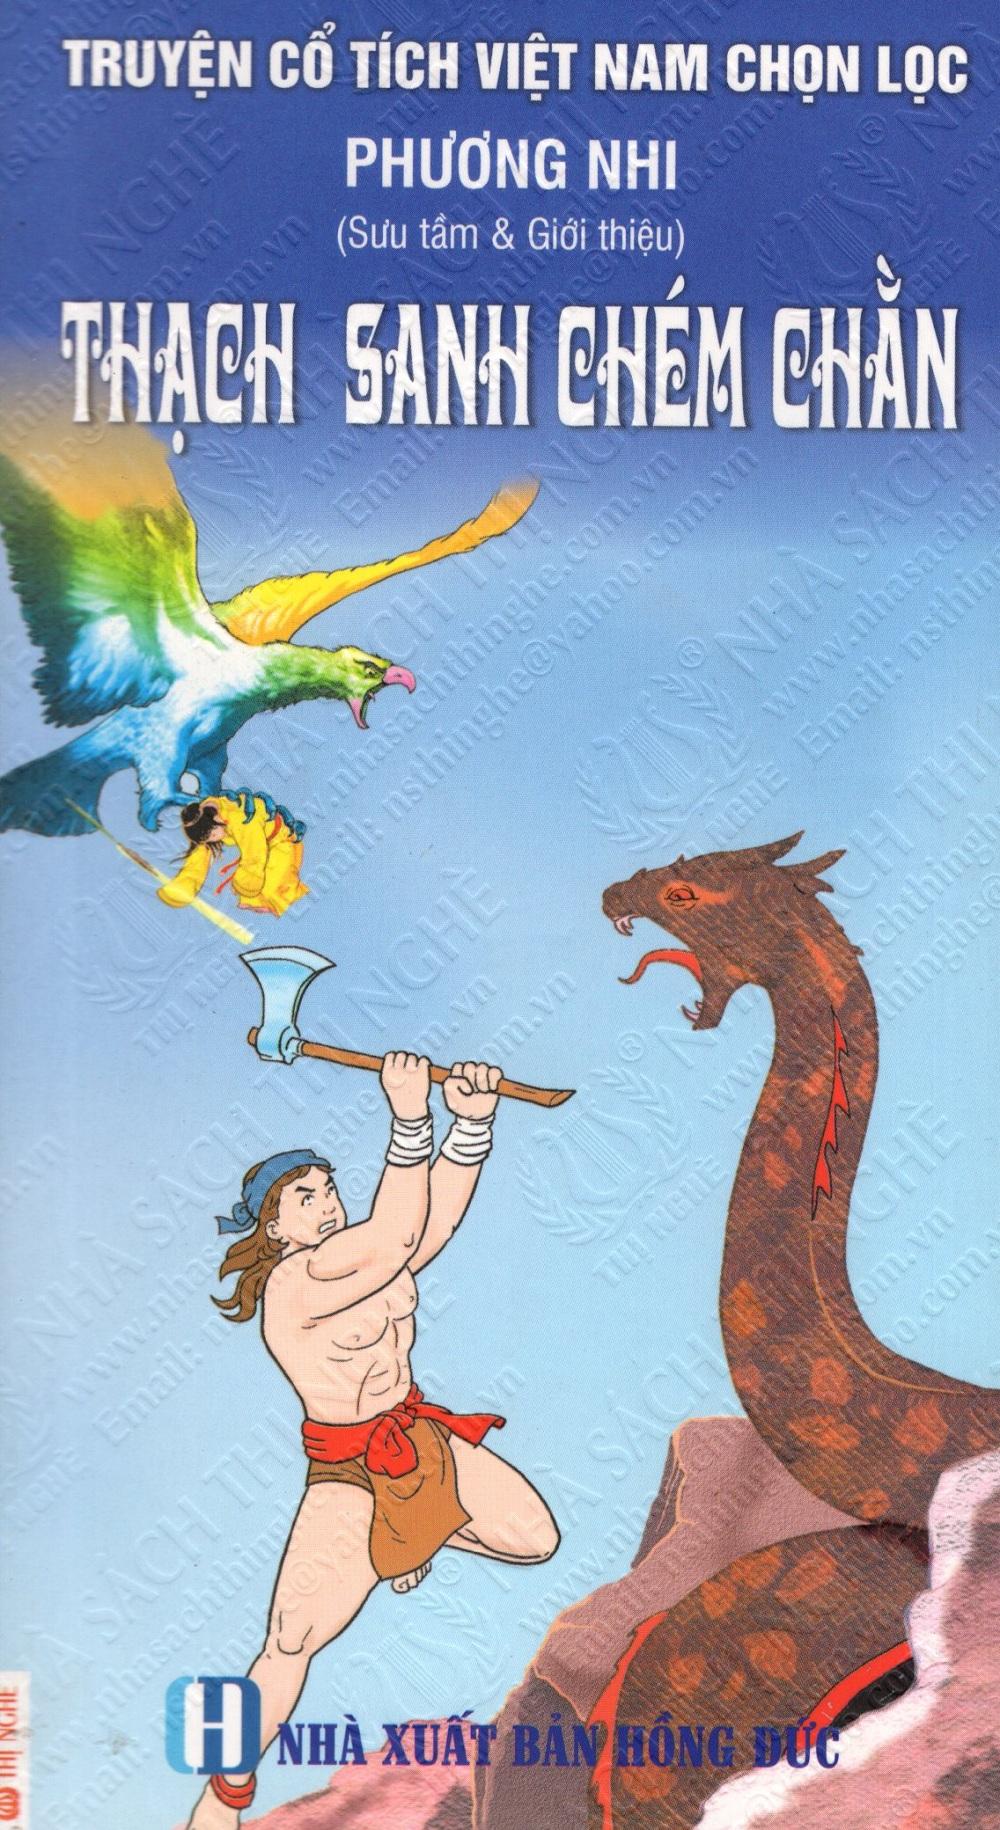 Bìa sách Truyện Cổ Tích Việt Nam Chọn Lọc: Thạch Sanh Chém Chằn